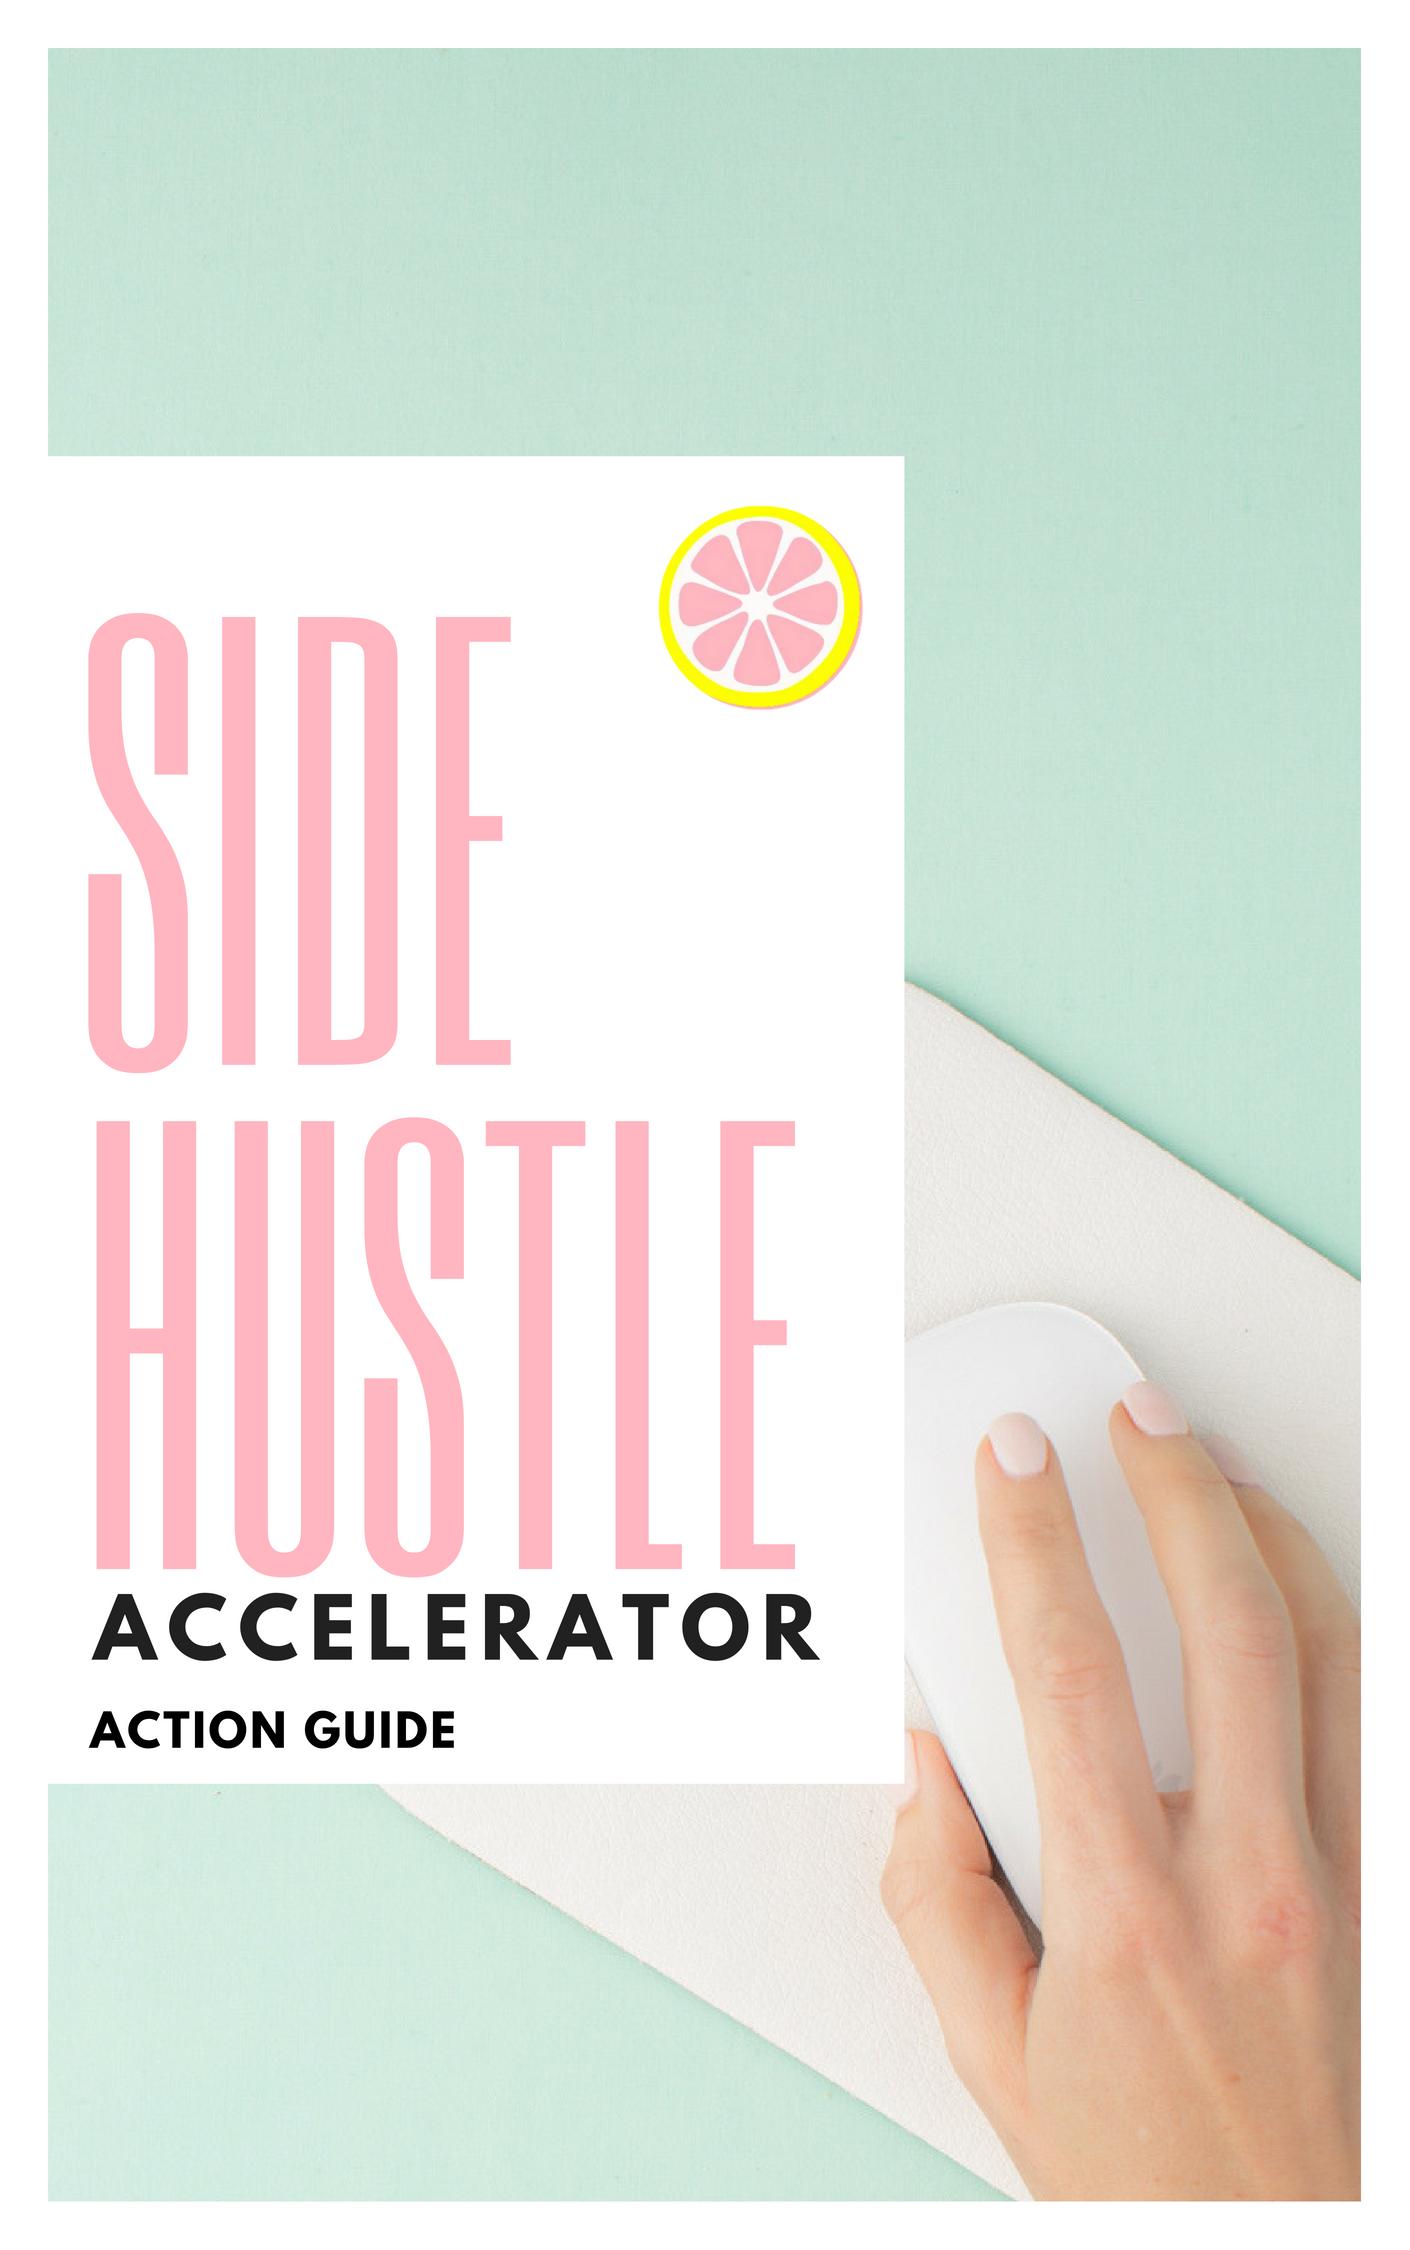 Side-Hustle School